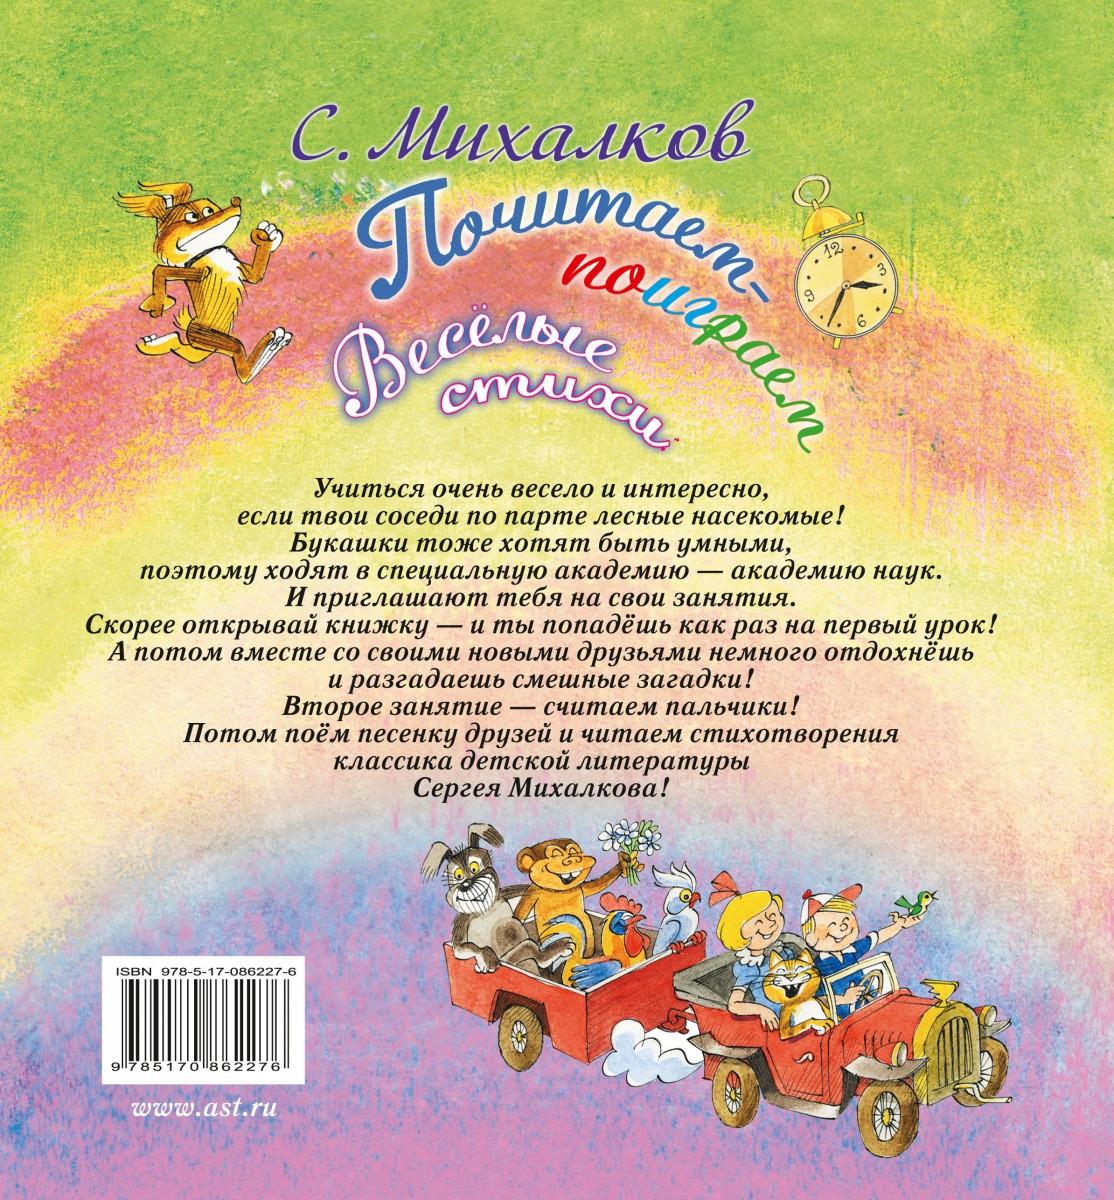 Стих про подарок на день рождения михалков 65